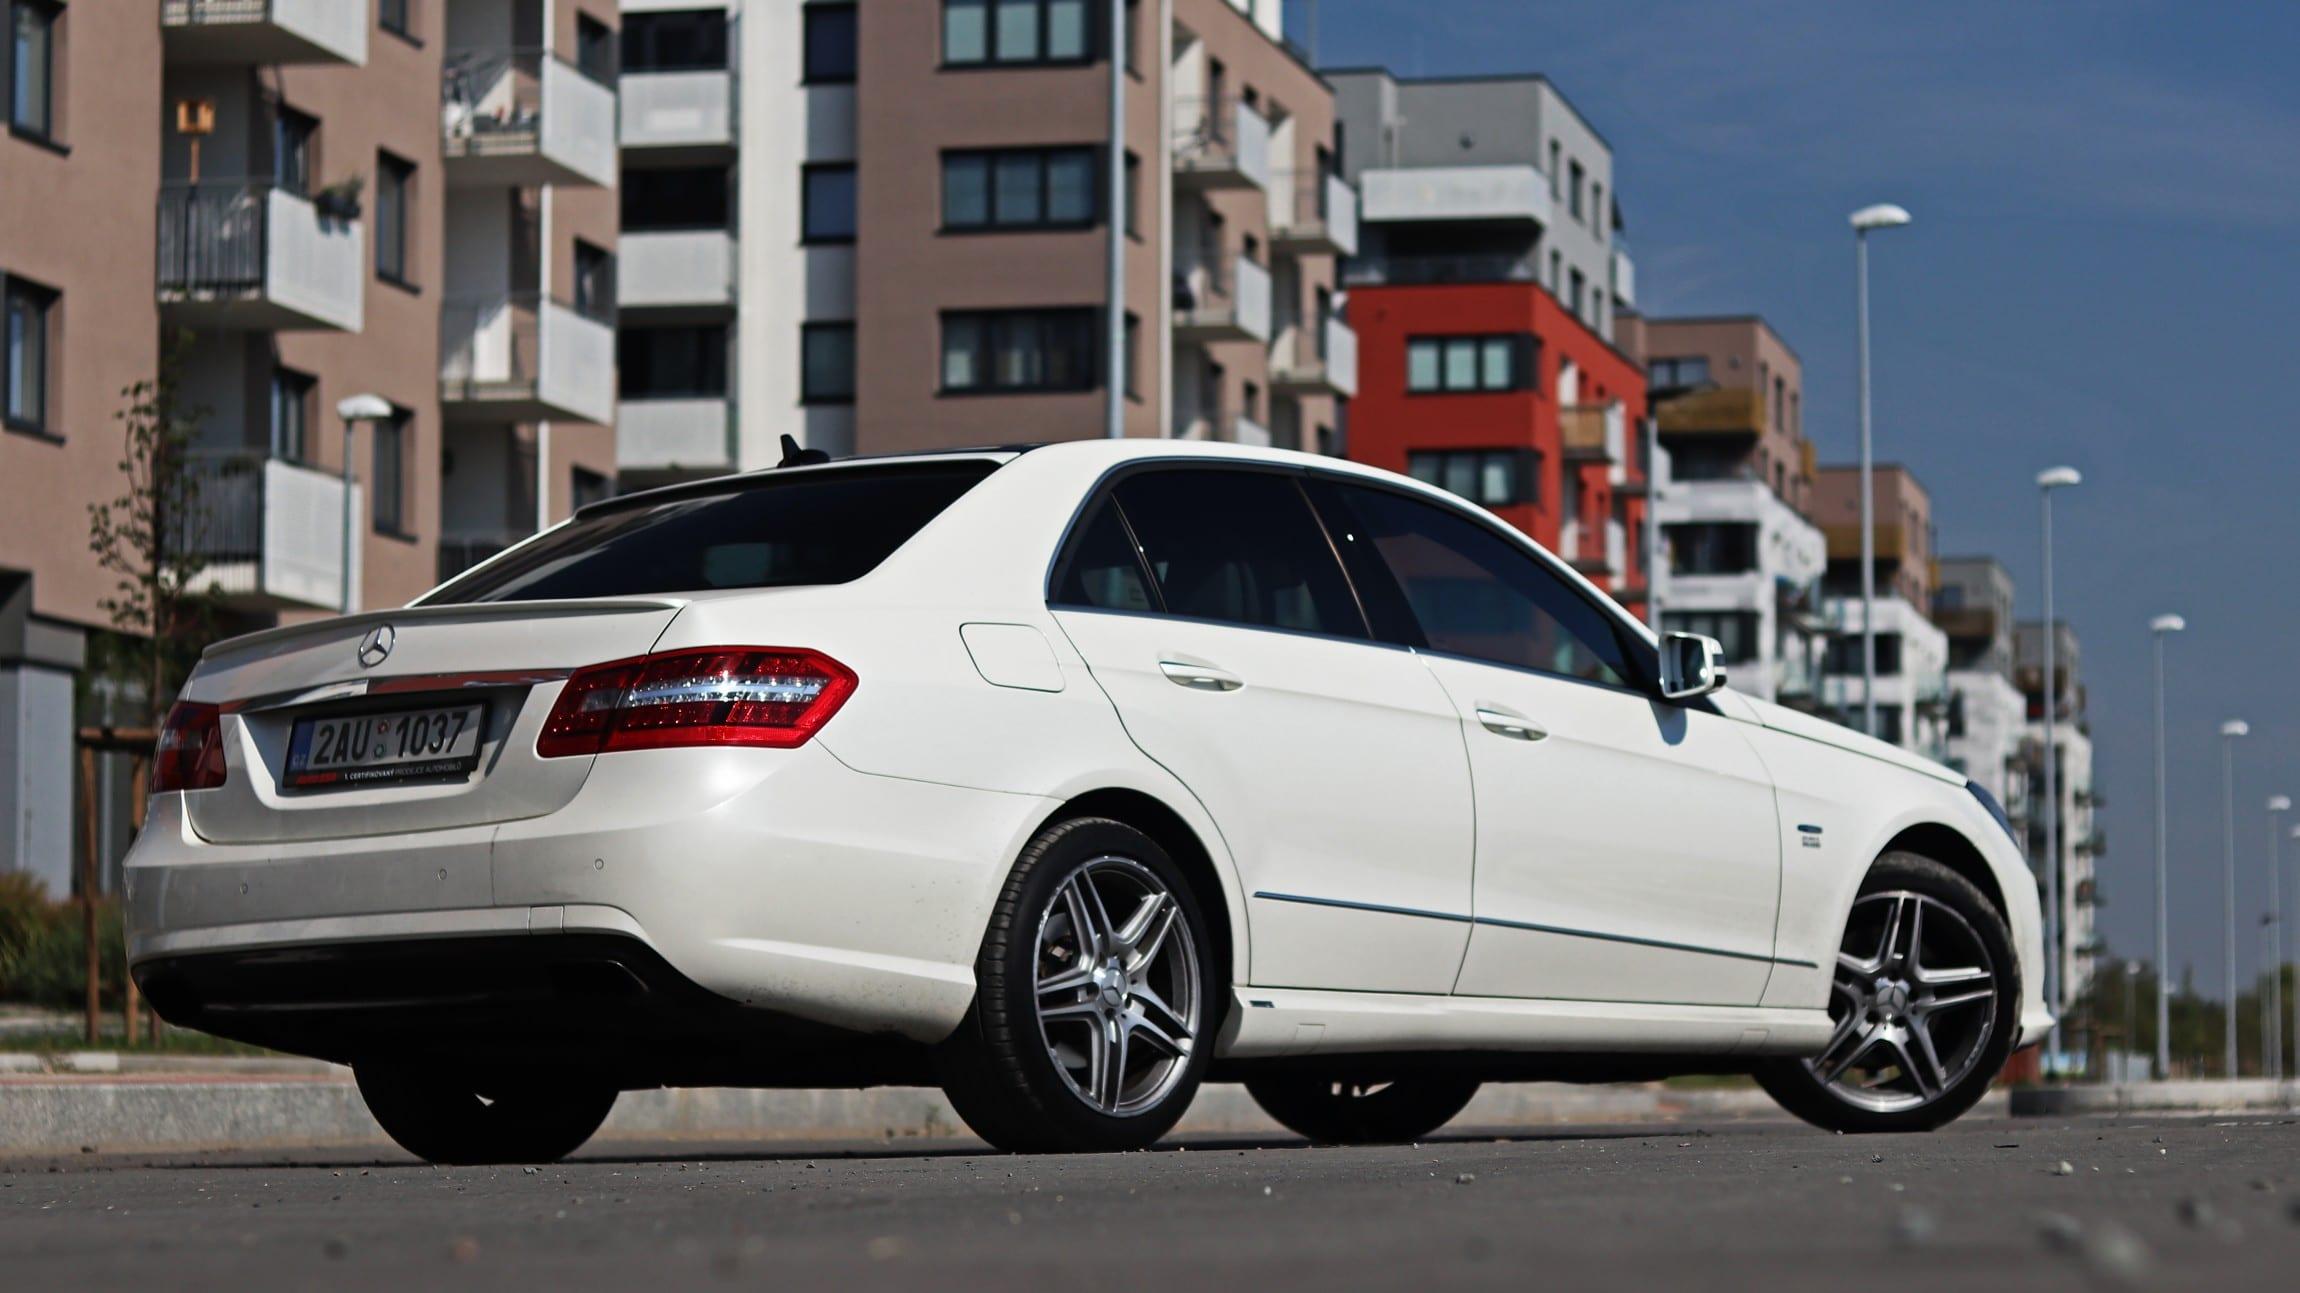 Mercedes-Benz E 350 CDI W212 Brabus